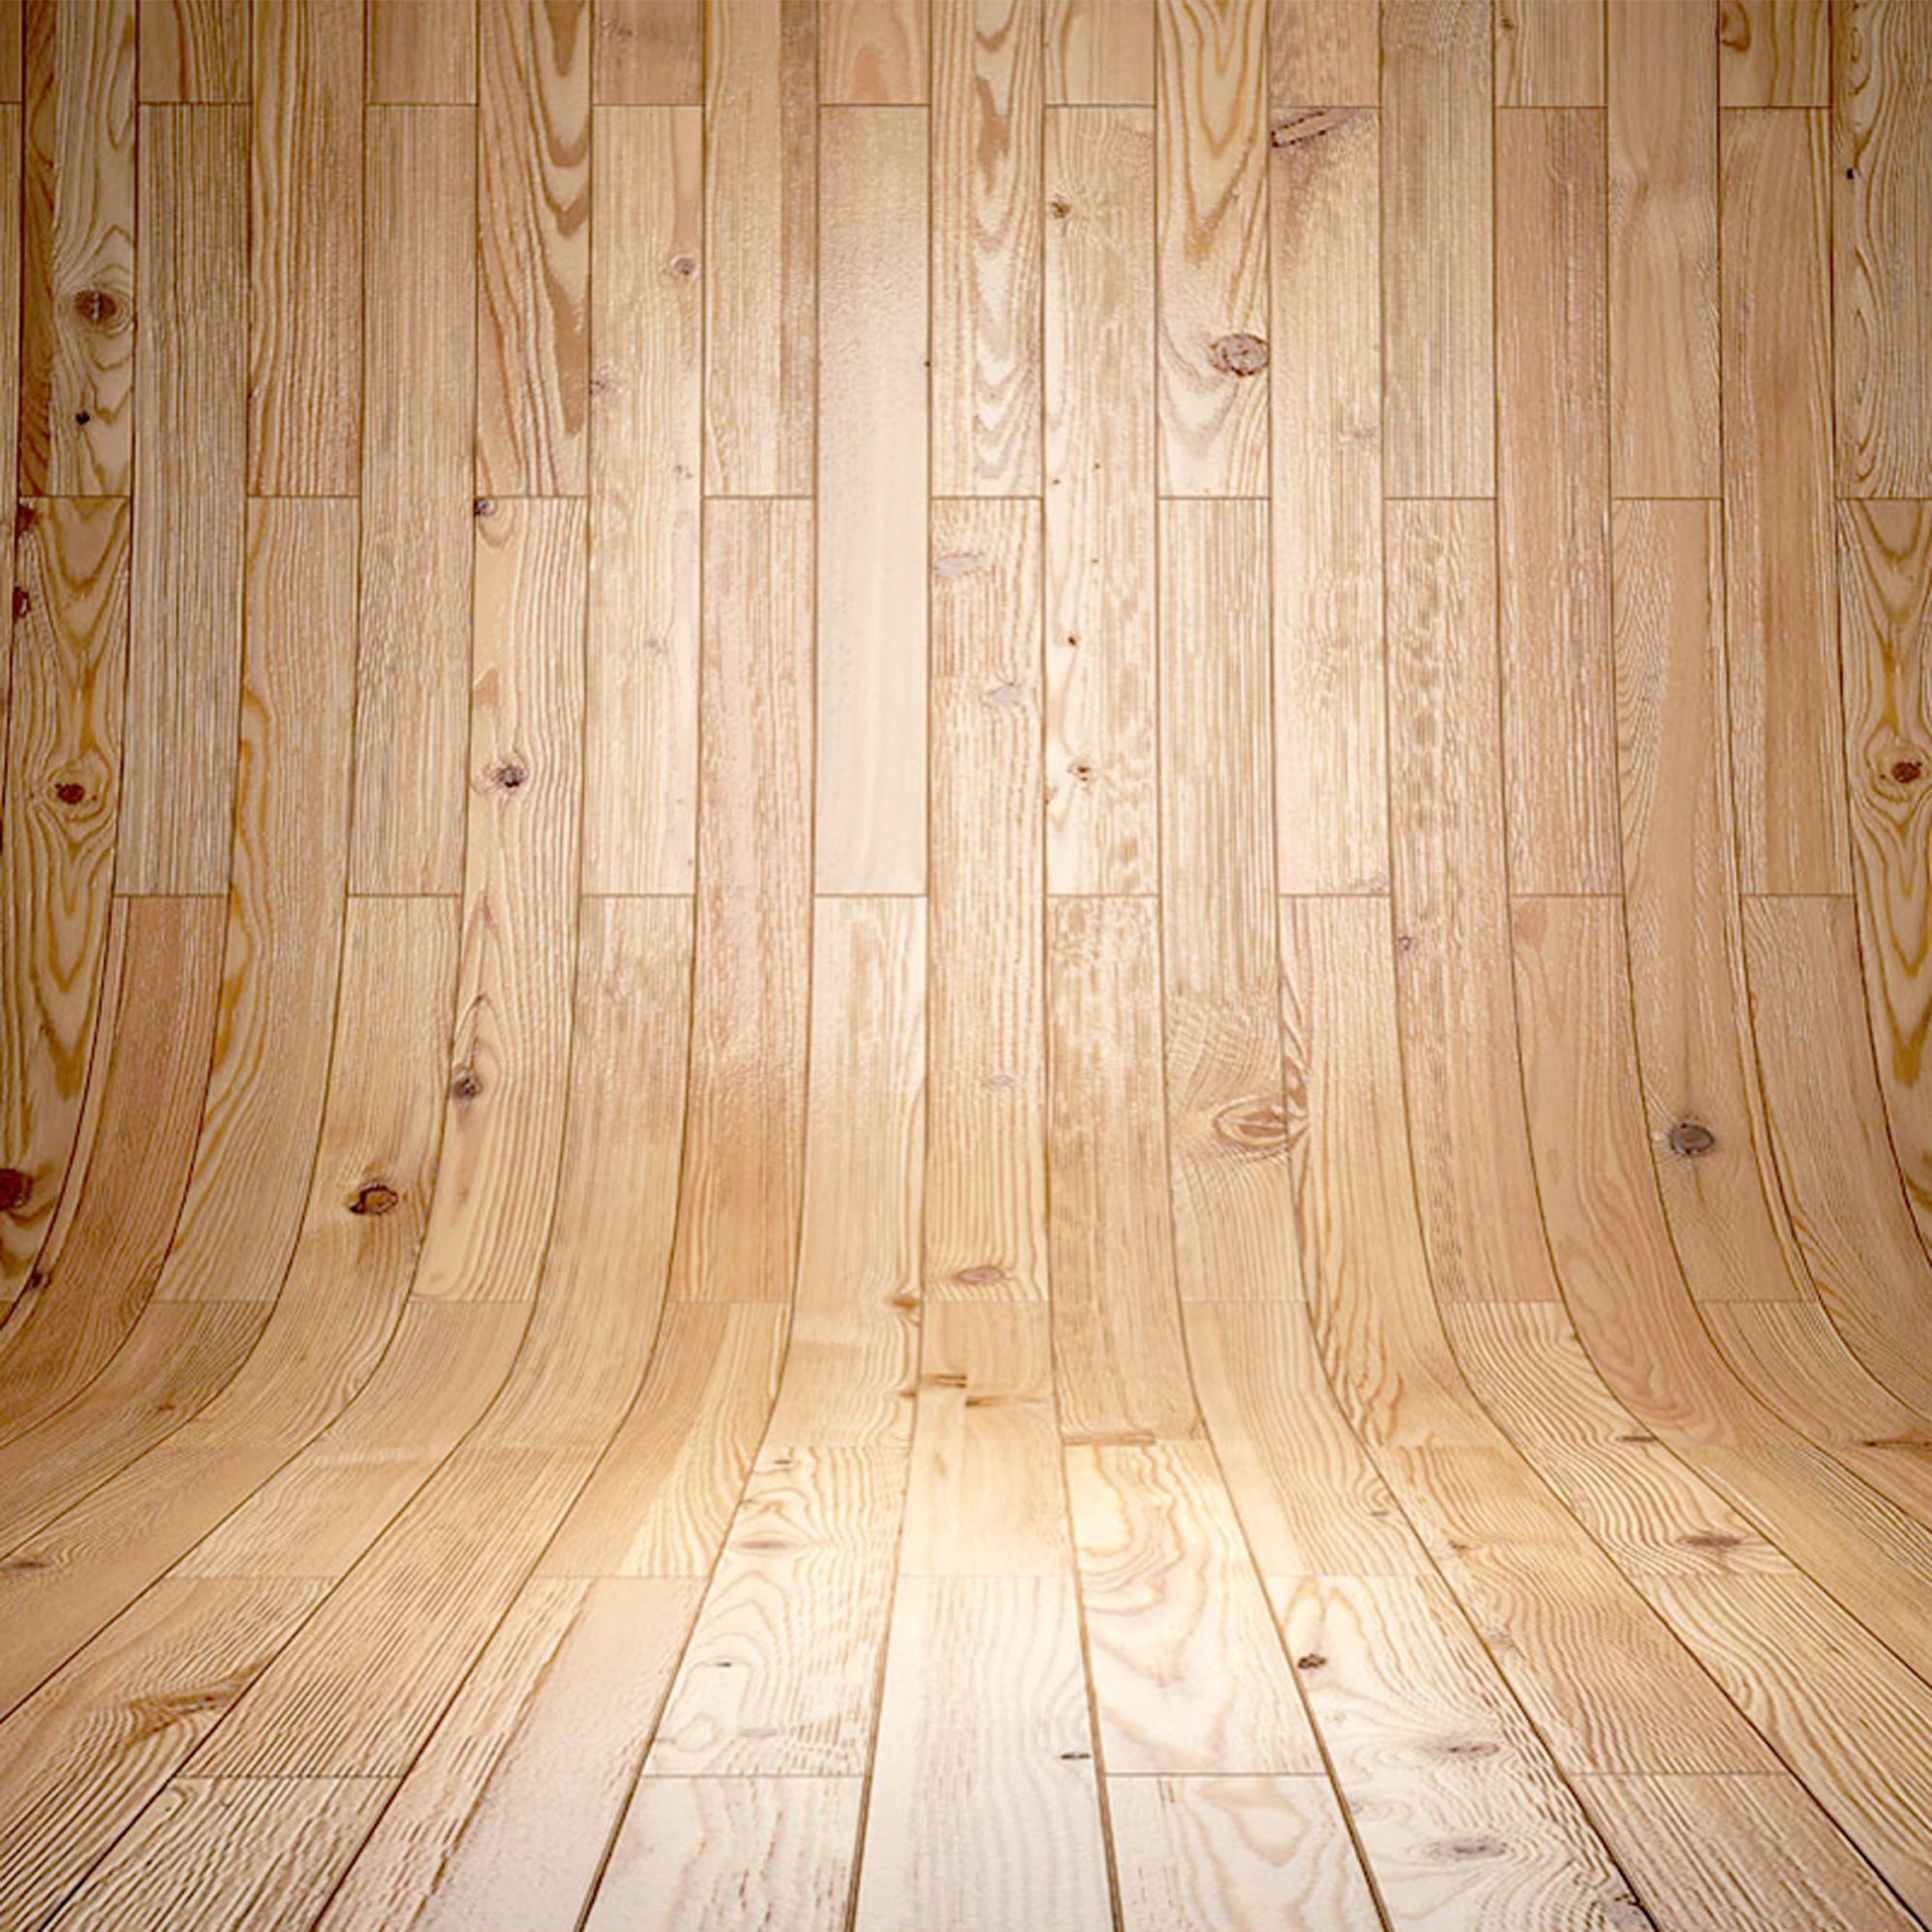 Painel Textura Material Madeira Background Assoalho de